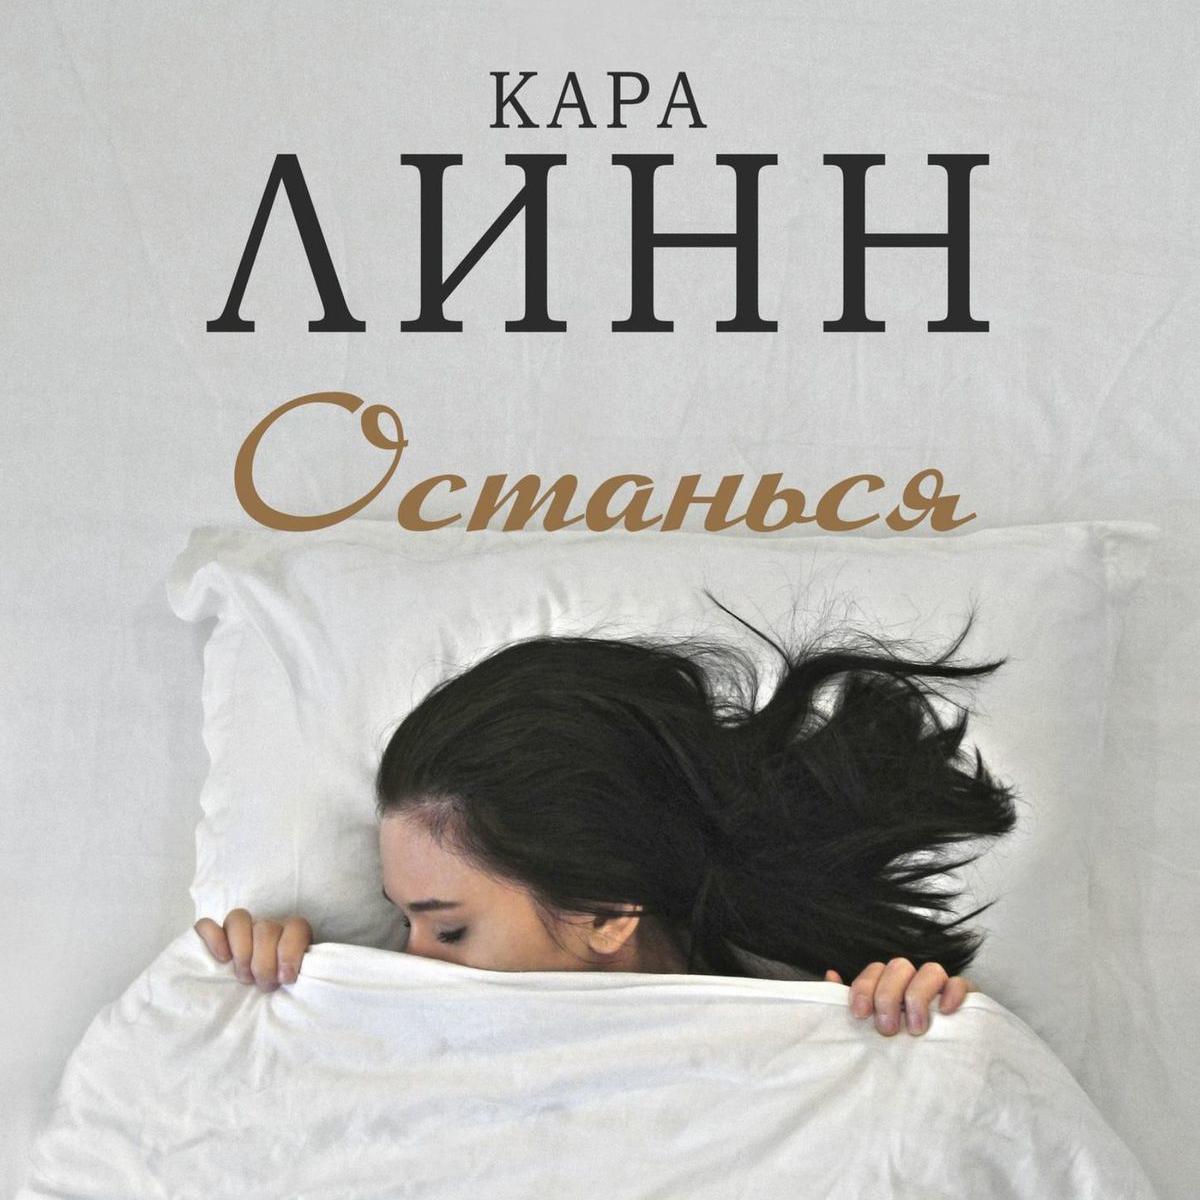 Купить книгу Останься, автора Кары Линна